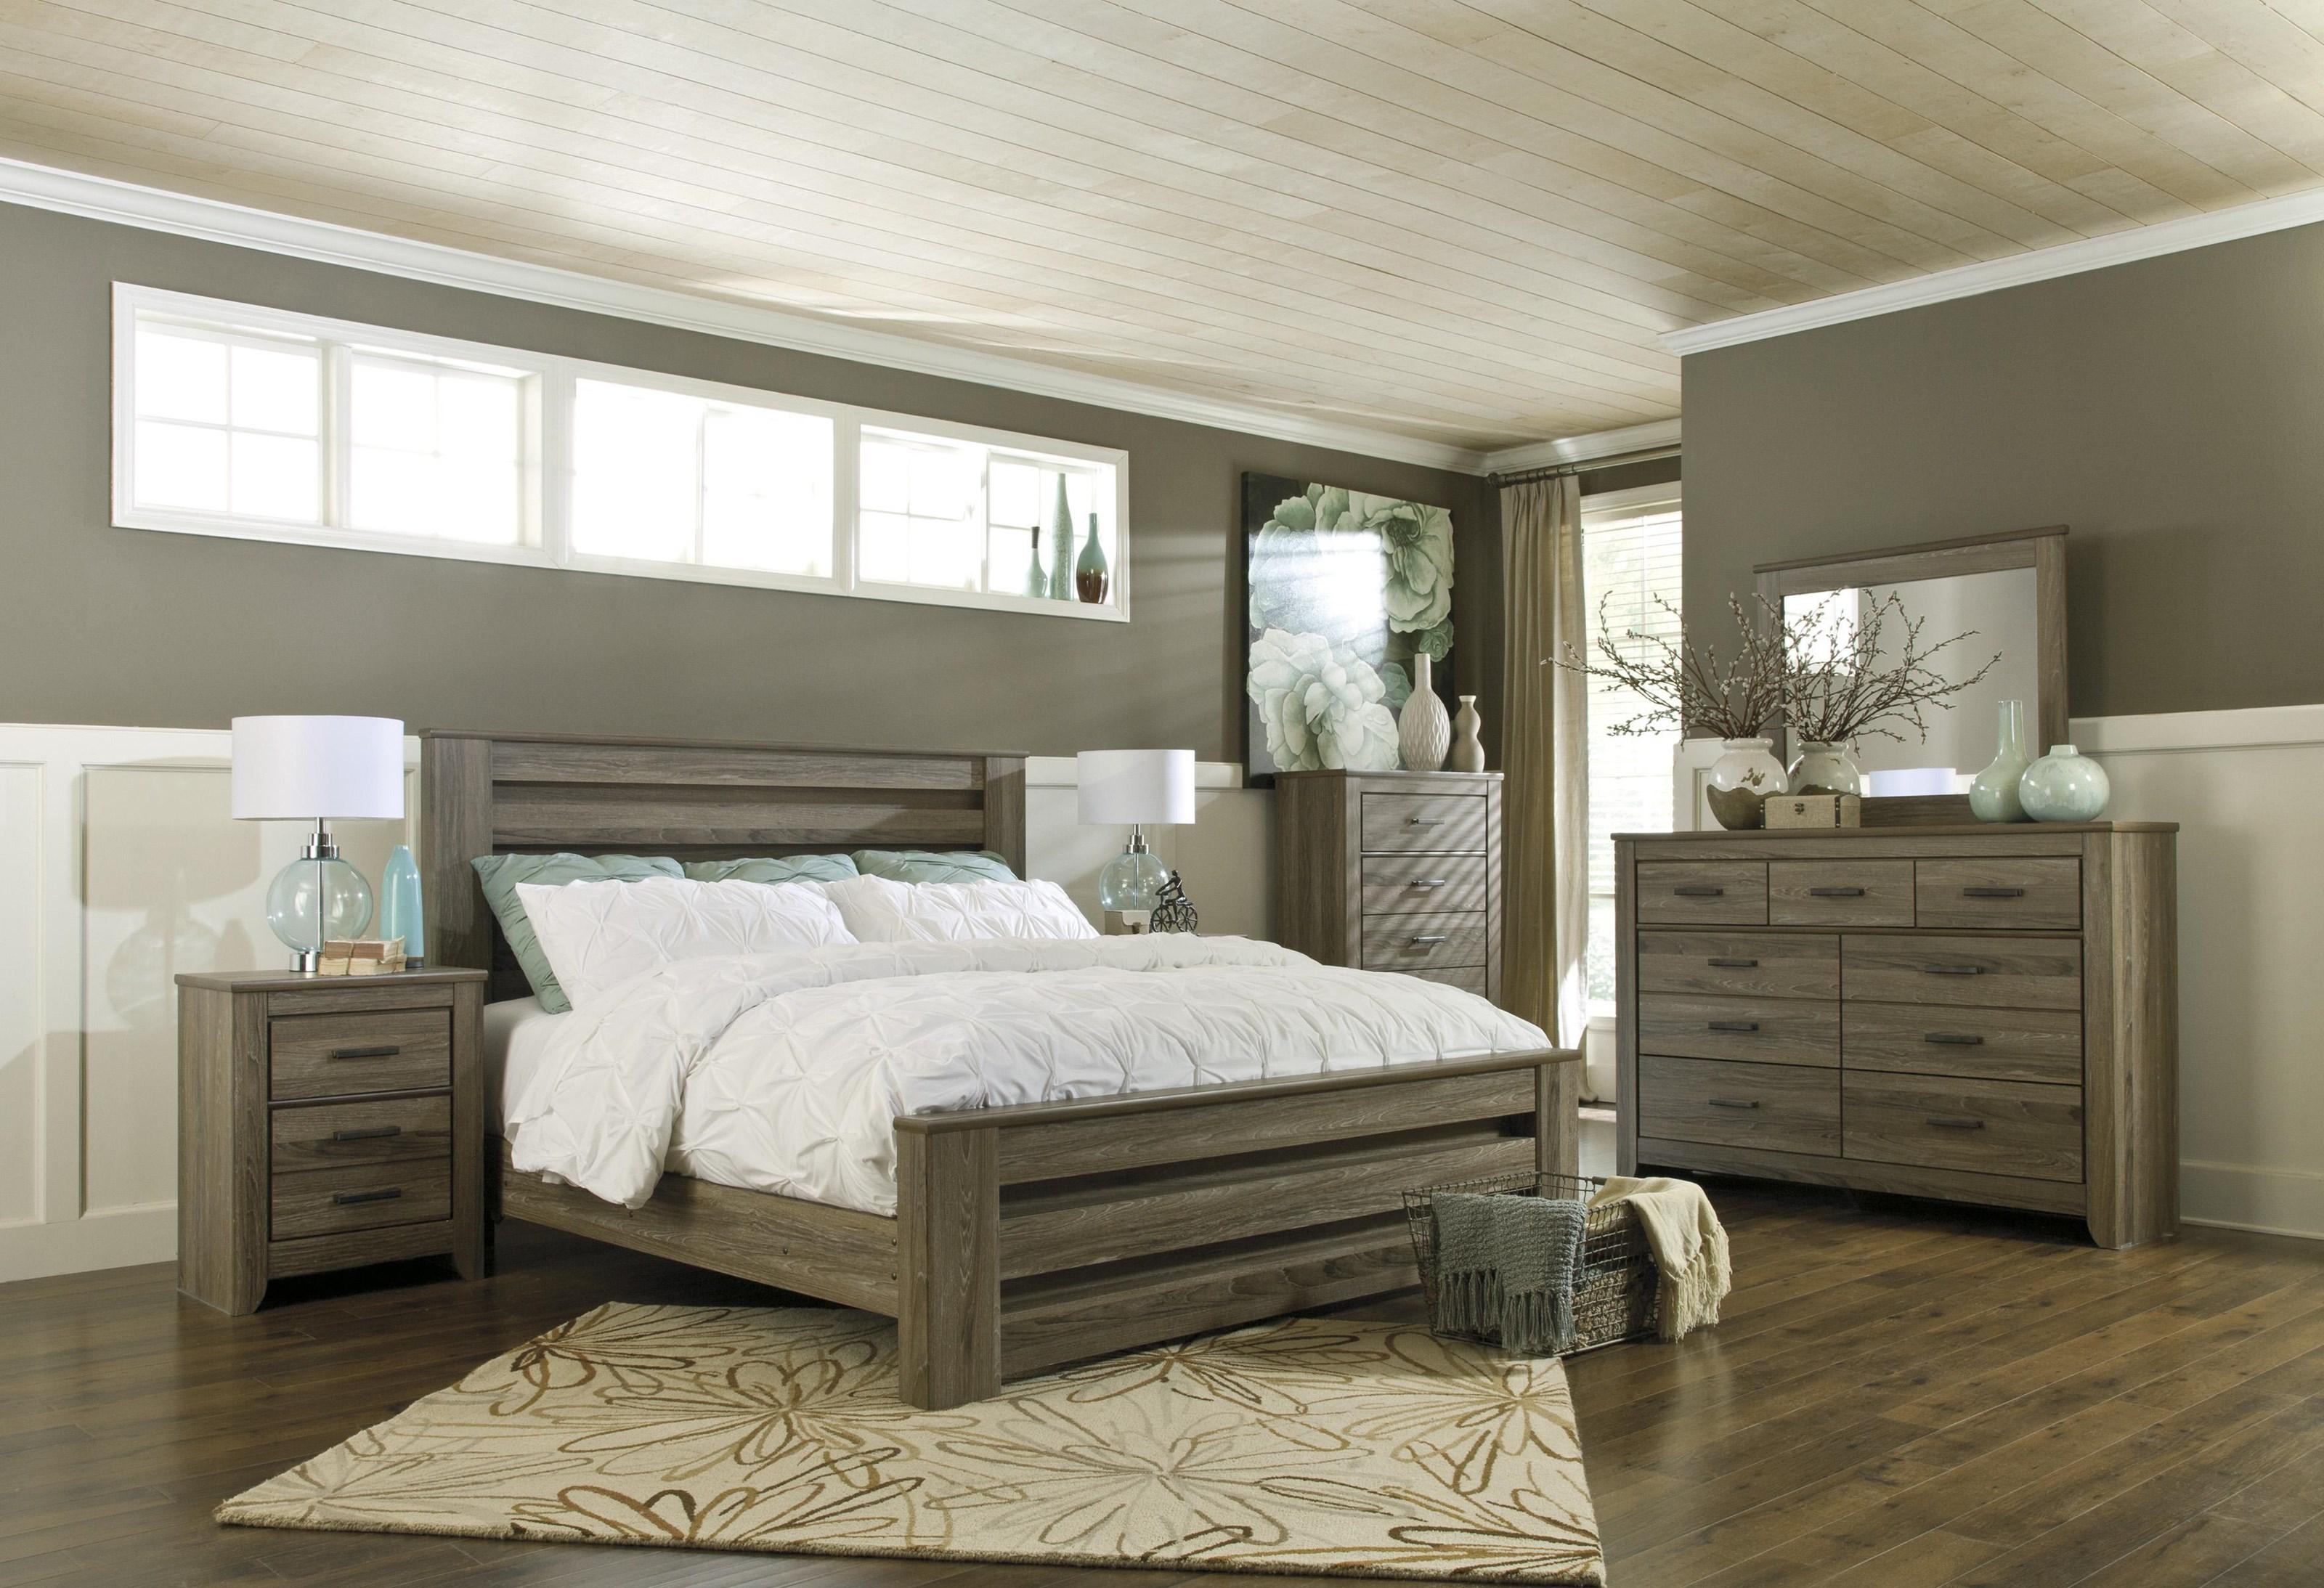 Adalyn King 4-Piece Bedroom at Ruby Gordon Home